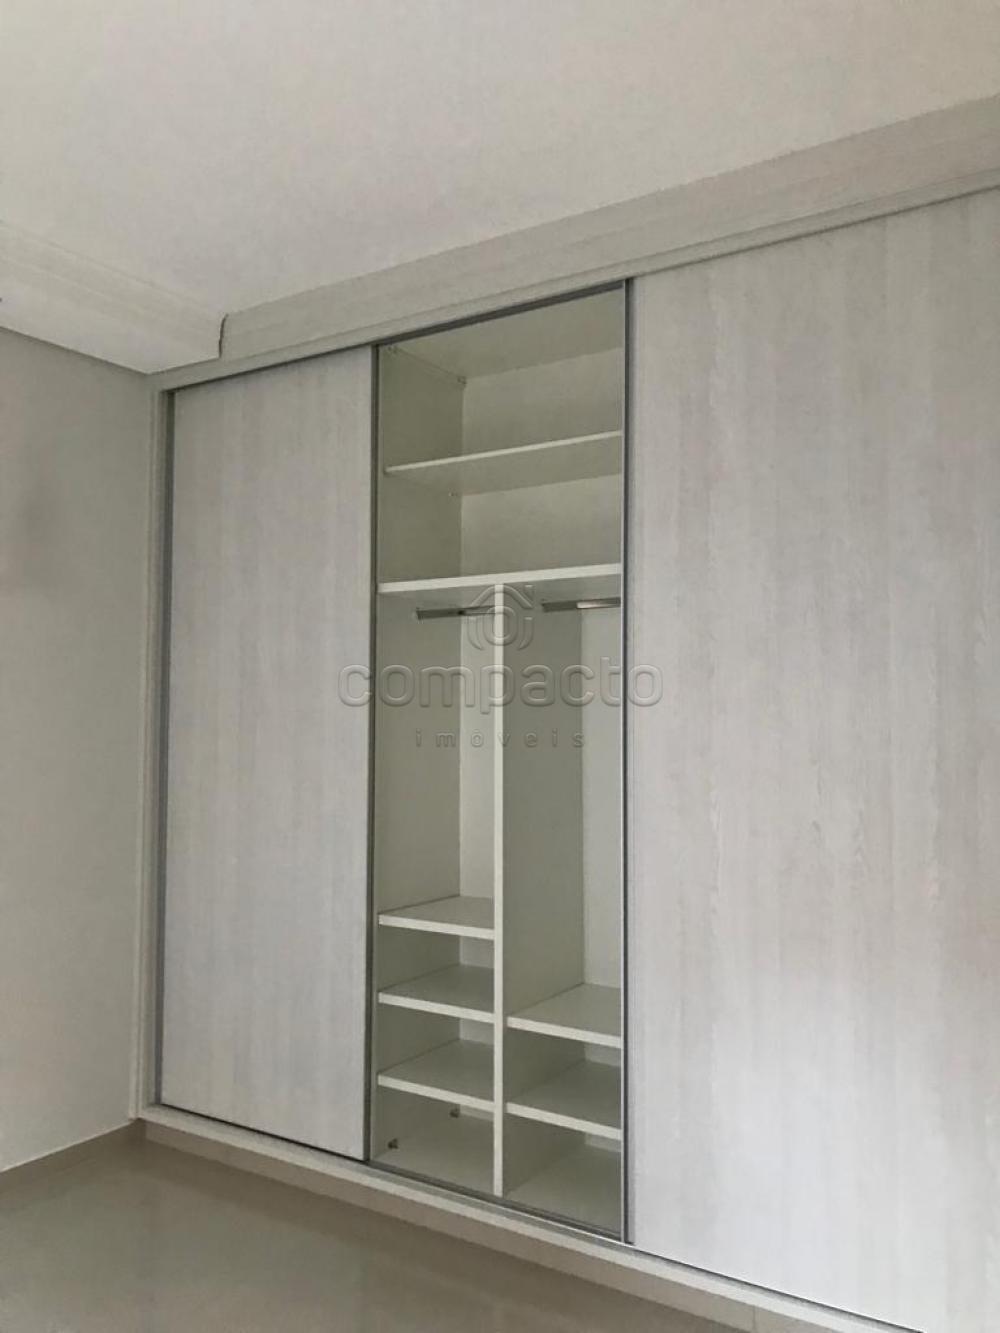 Comprar Casa / Condomínio em São José do Rio Preto apenas R$ 680.000,00 - Foto 12